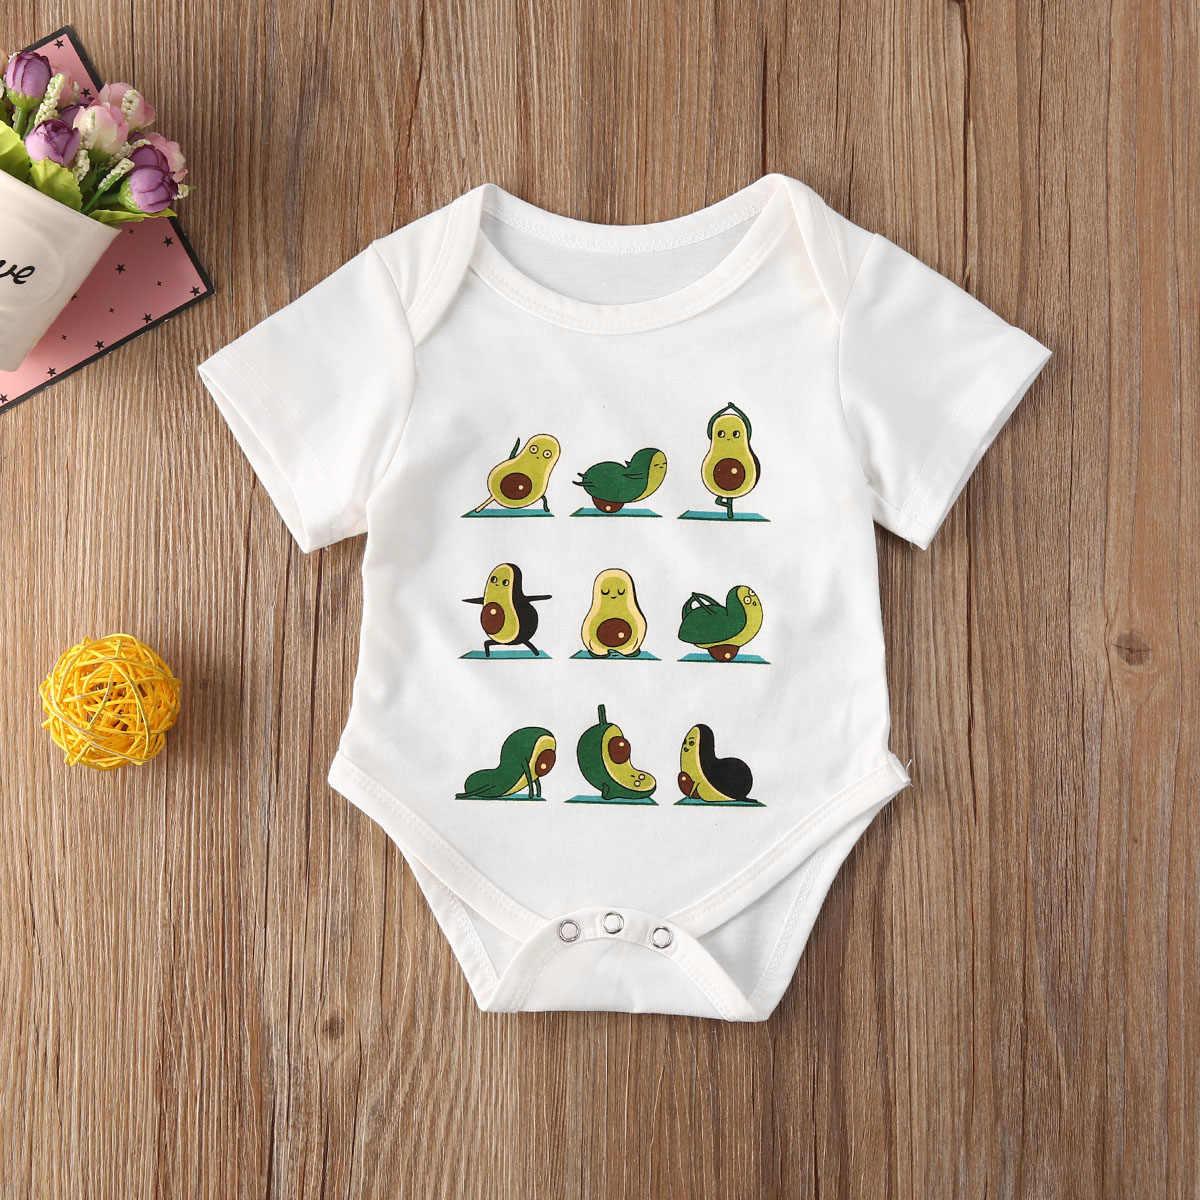 2020 아기 여름 의류 여자를위한 아기 Jumpsuits 만화 아보카도 인쇄 라운드 넥 반팔 Bodysuit for Kids Girls